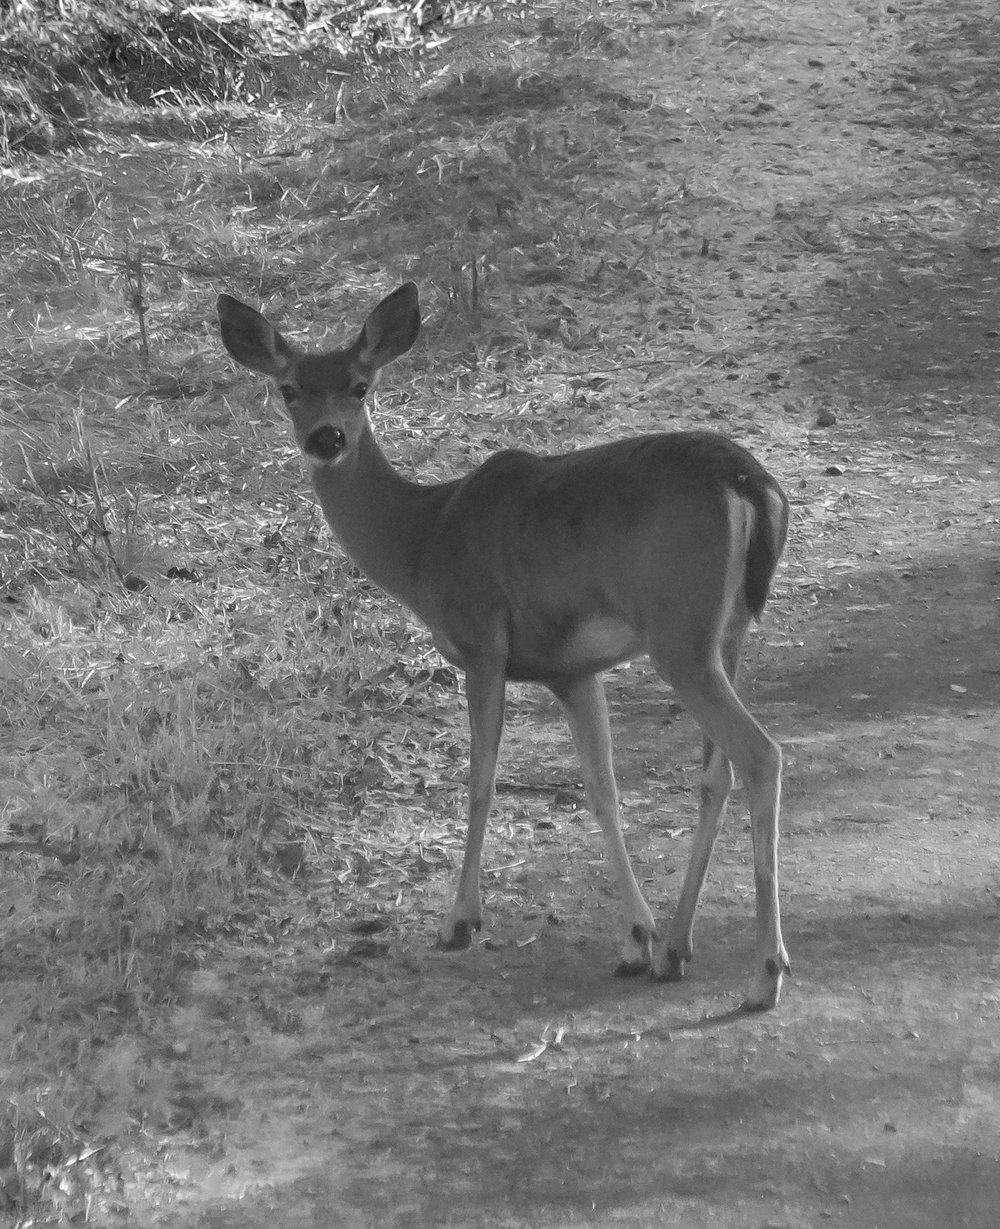 Deer at Santa Teresa County Park, San Jose, California